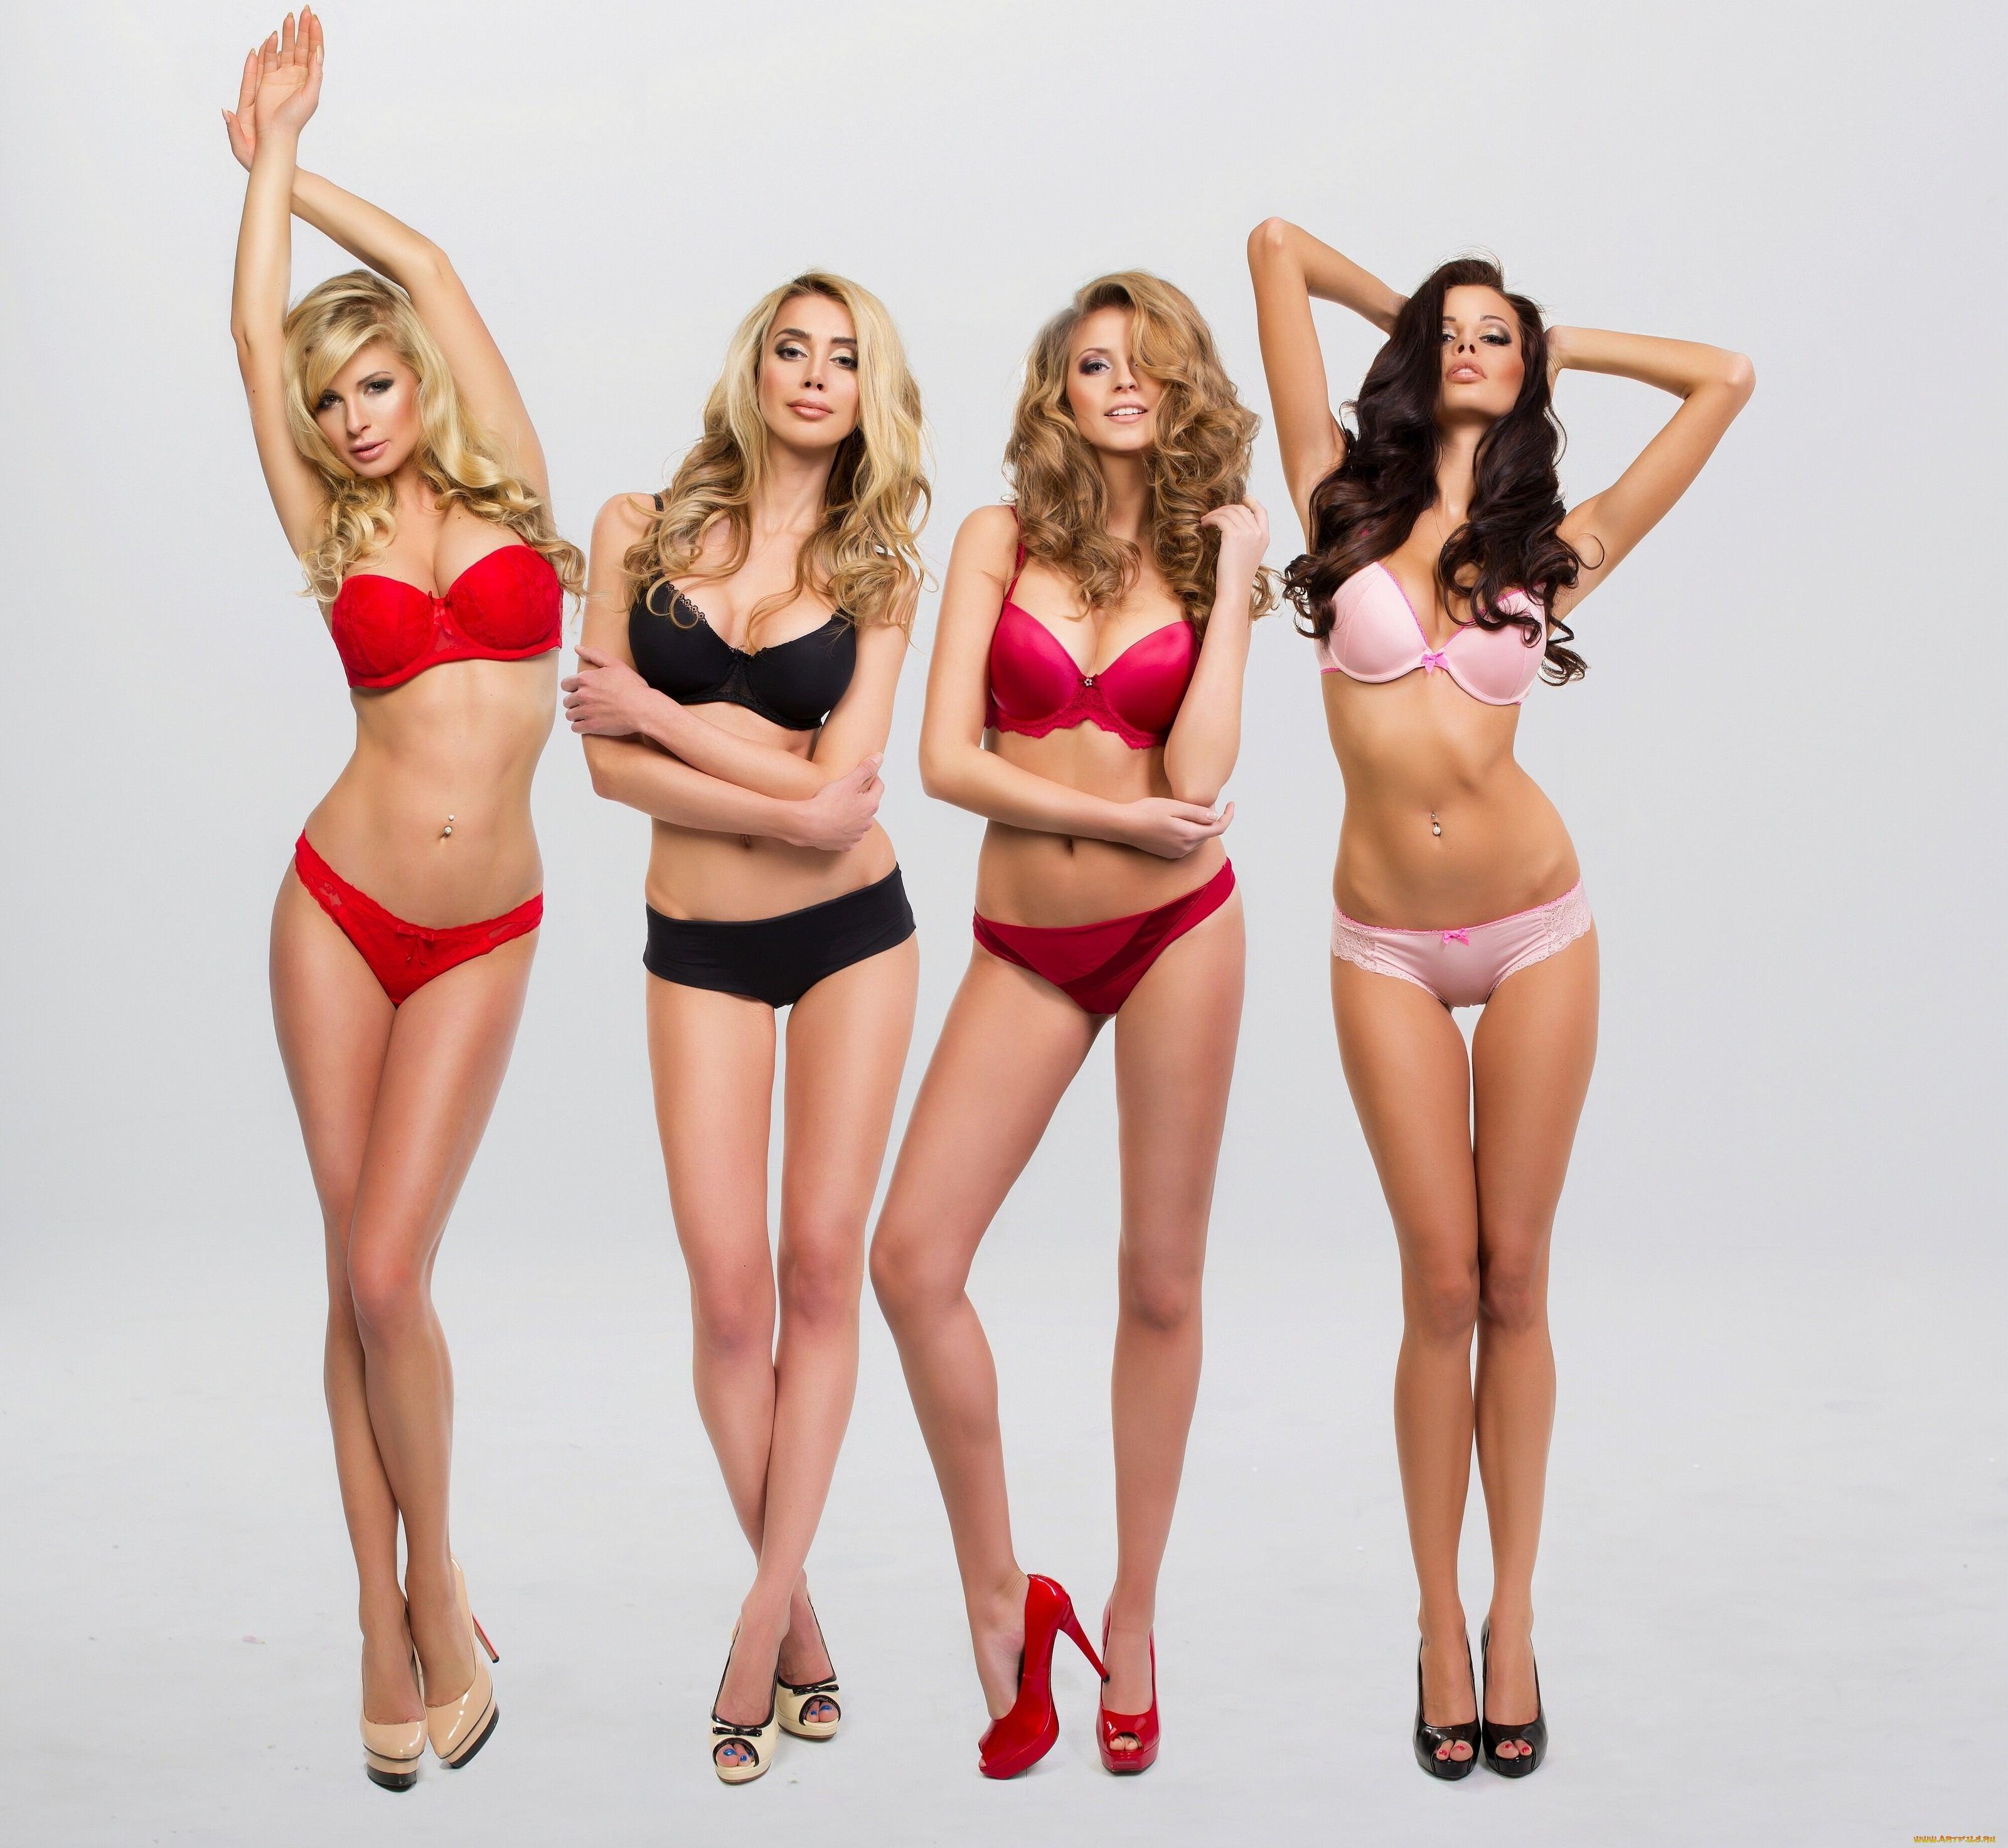 西女性感  另类的美 - 花開有聲 - 花開有聲